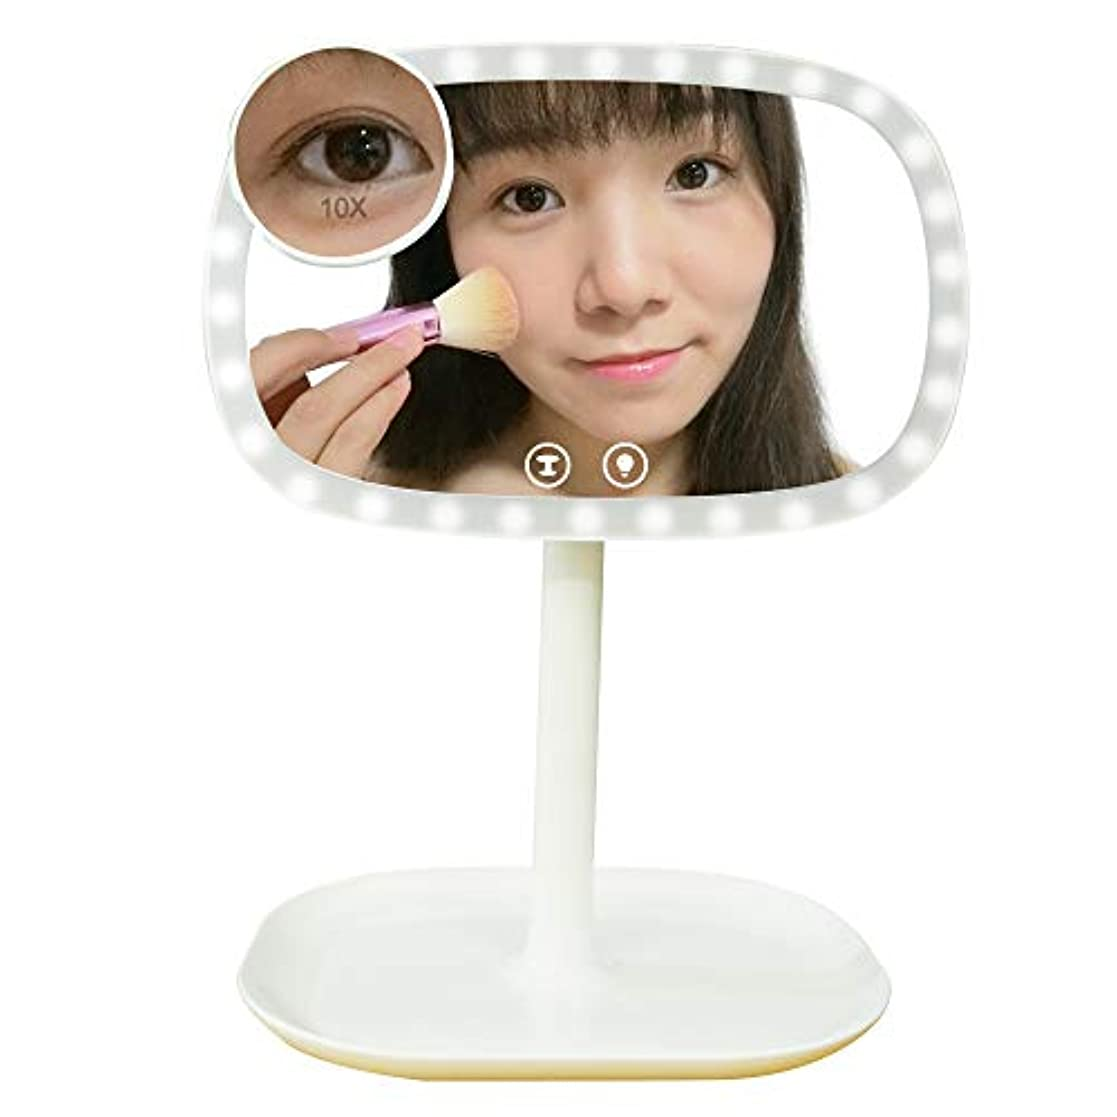 付与ページリンクホヨミ 鏡 LED 化粧鏡 化粧ミラー 女優ミラー 10倍 拡大鏡 テーブルランプ 明るさ調節可能電池&USB 2WAY 給電 360度回転 収納 プレゼント (ホワイト)